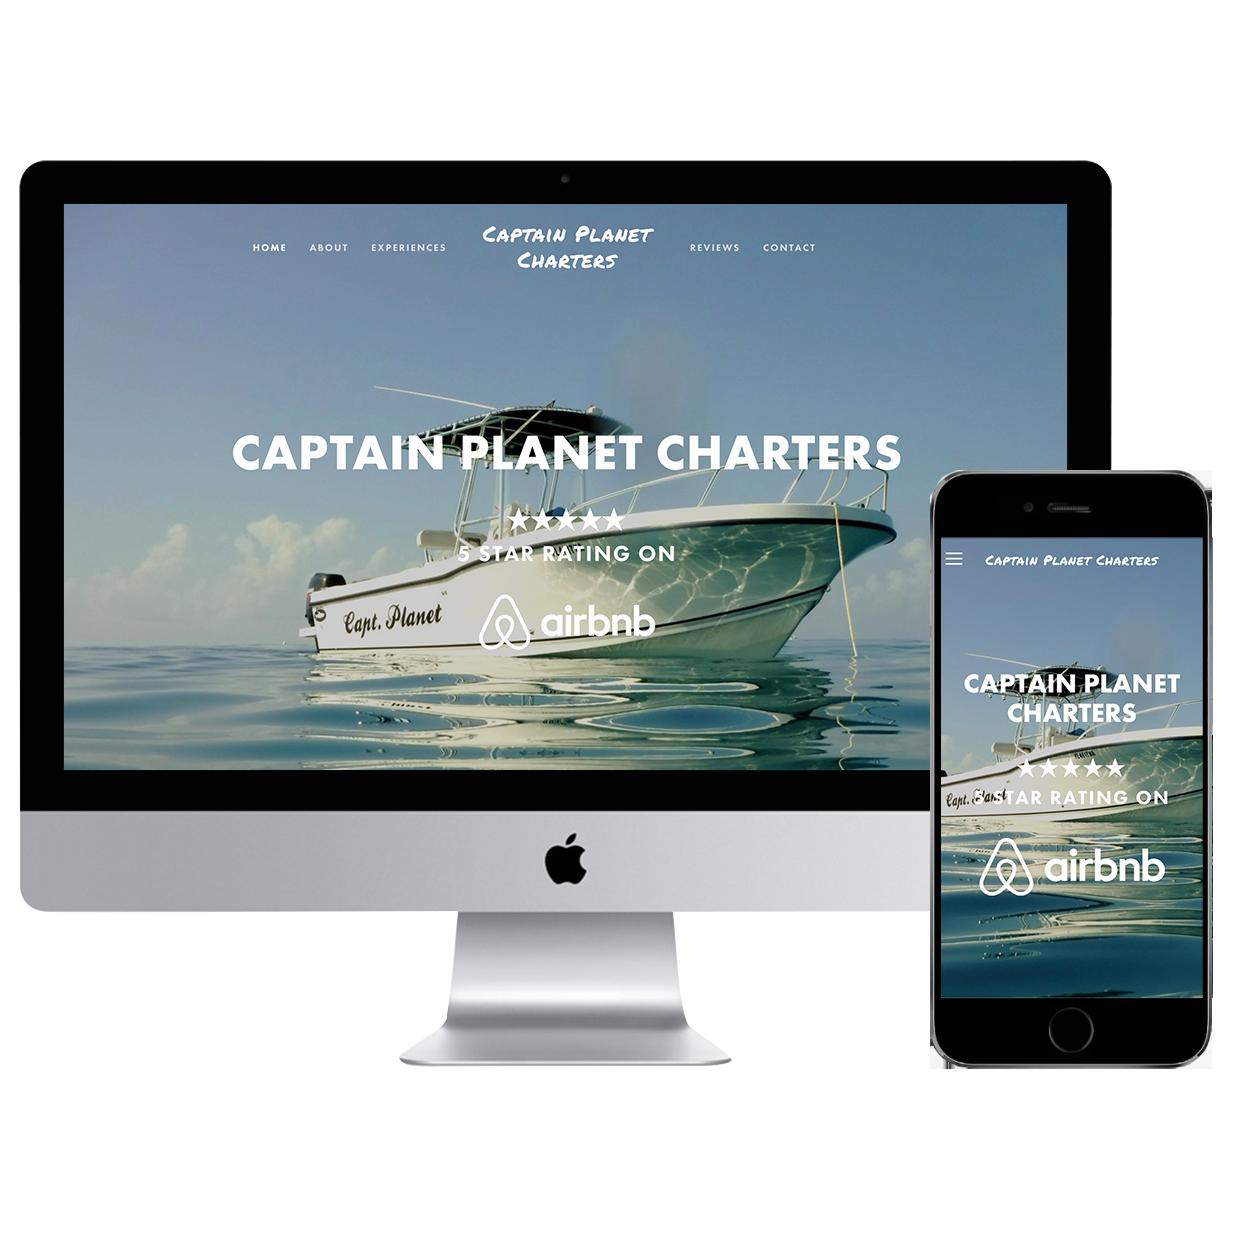 CaptainPlanetCharters.com